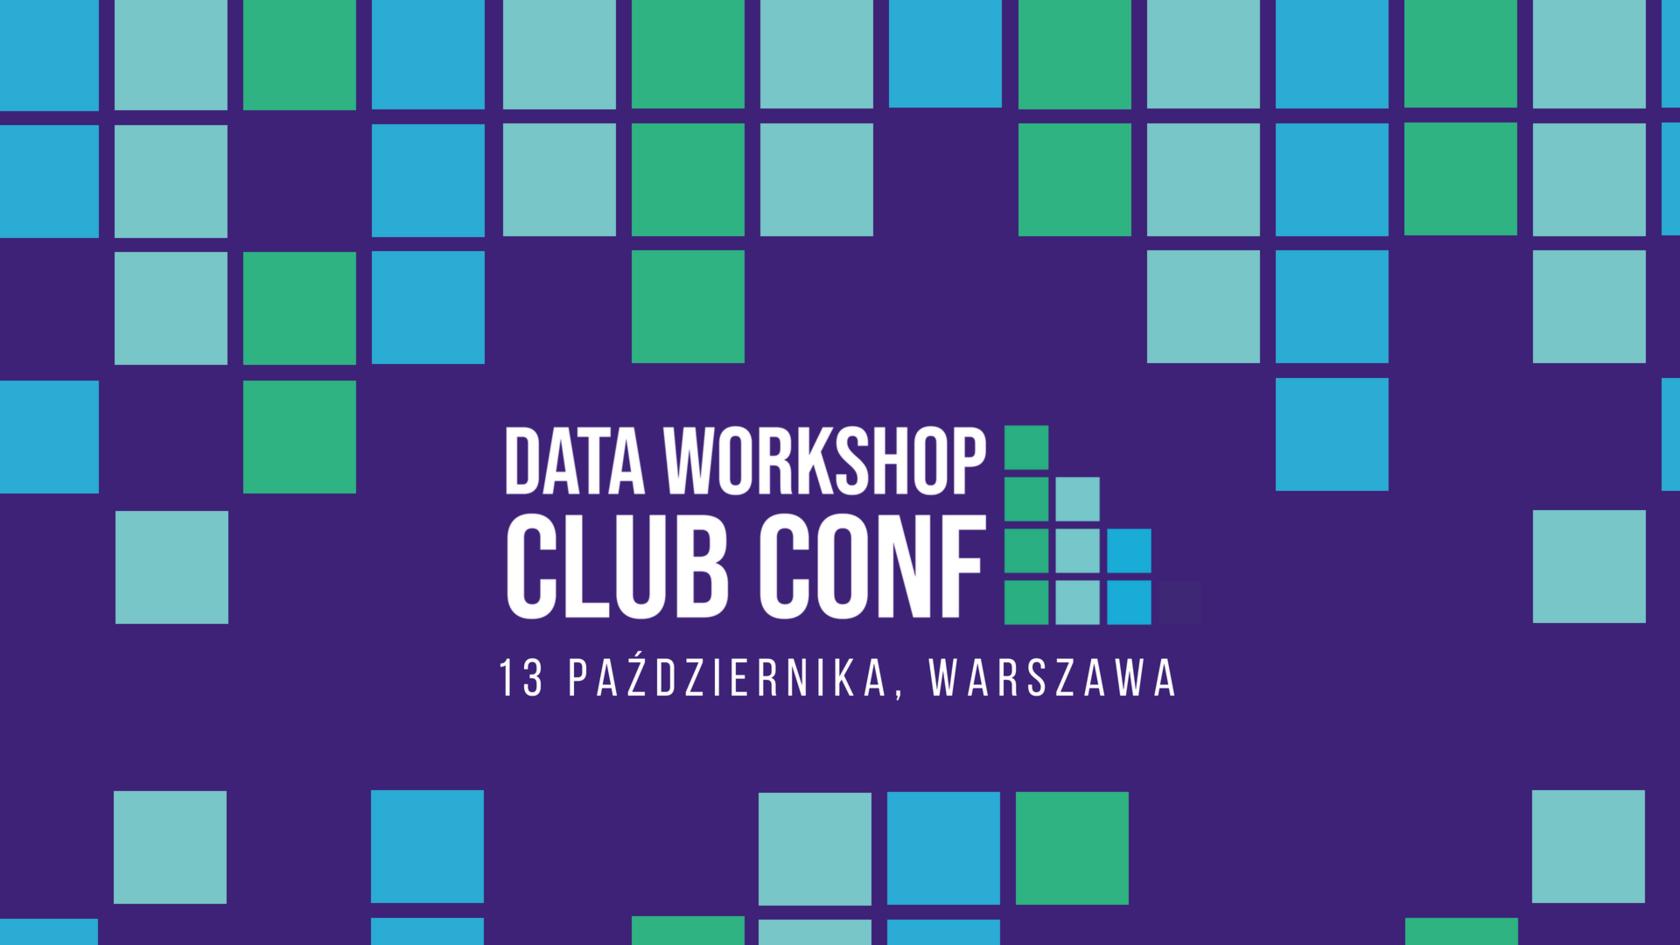 DataWorkshop Club Conf - wiedza, networking, doświadczenie